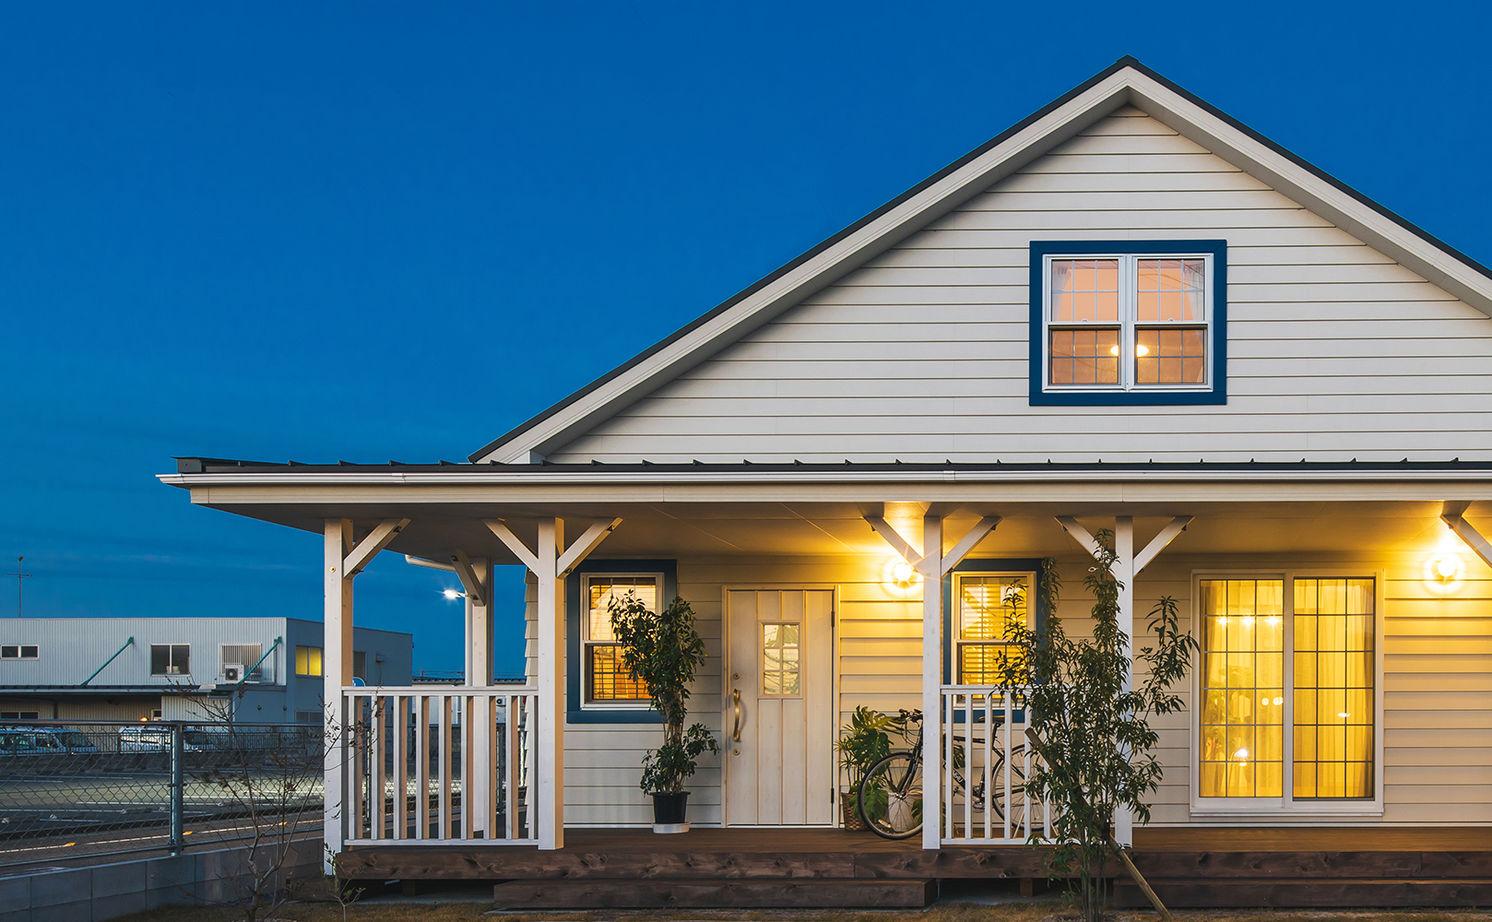 【滋賀県 東近江市×2000~2500万円】「カバードポーチのある家」カルフォルニアスタイルの平屋風画像1